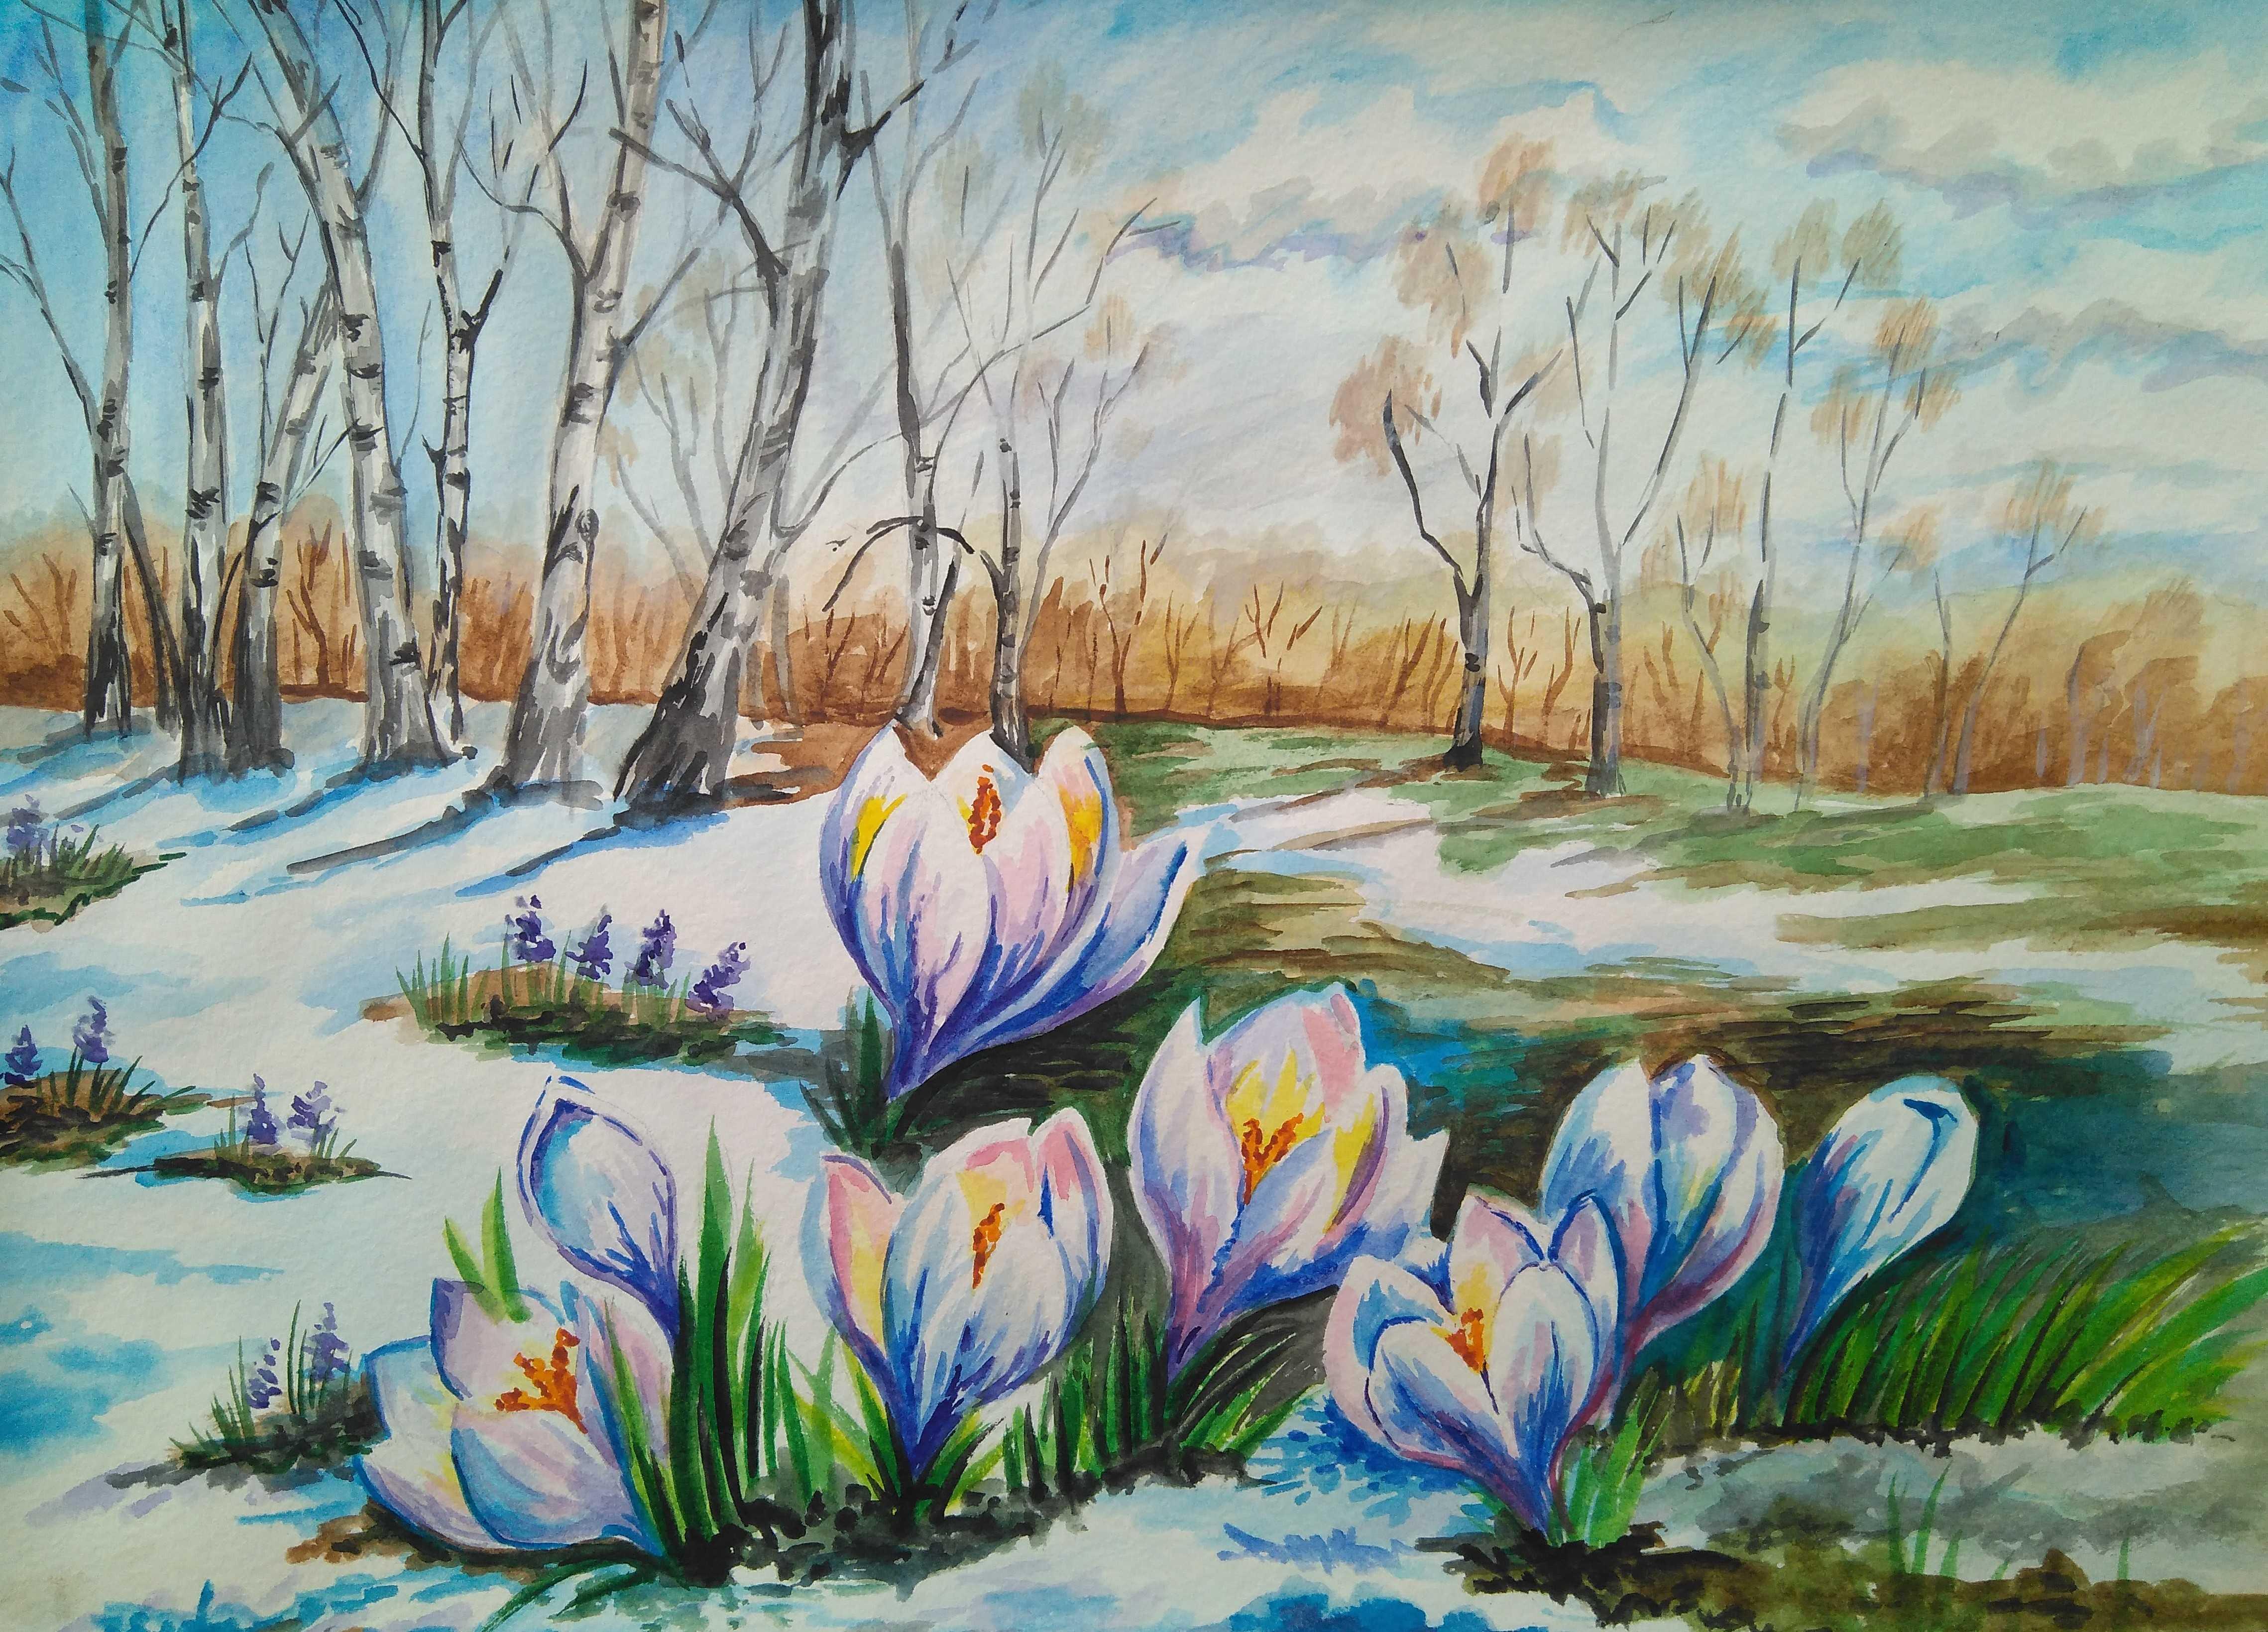 Природа дышит весной!